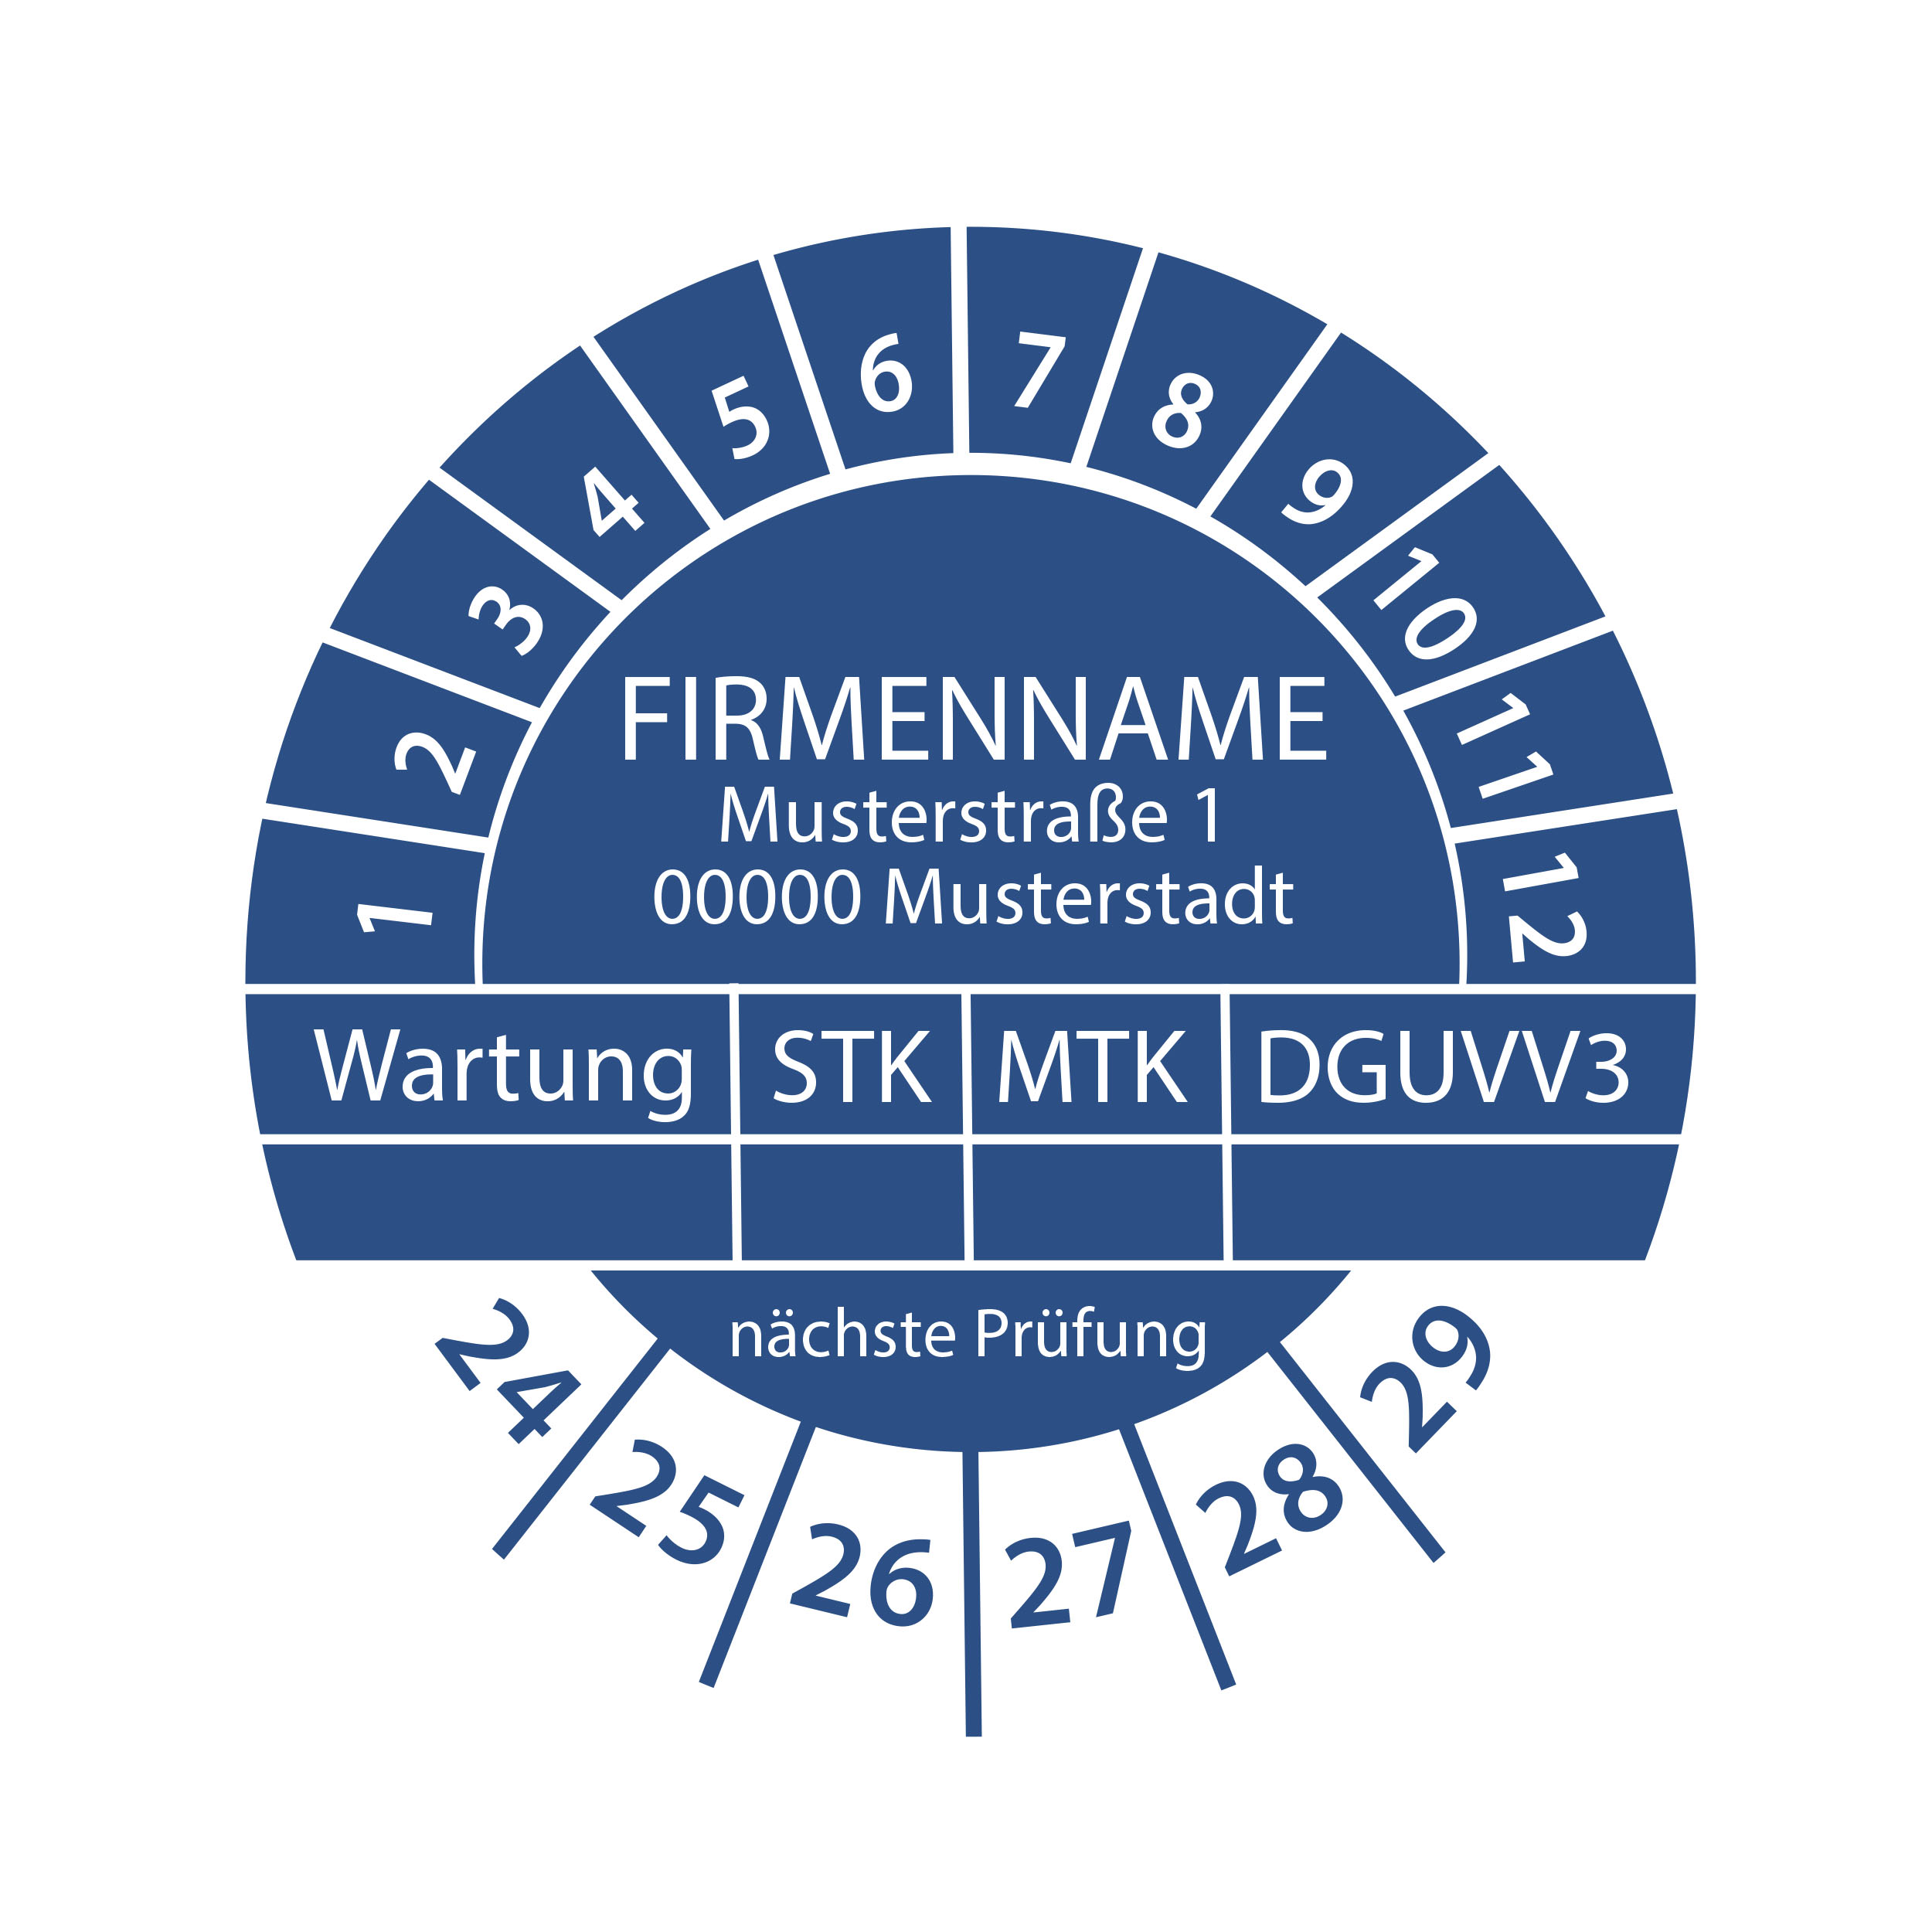 Prüfplakette mit Firmenname - Wartung STK MTK DGUVV3  nächste Prüfung 2024-2029 Ø 30mm Rund Gelb / Blau